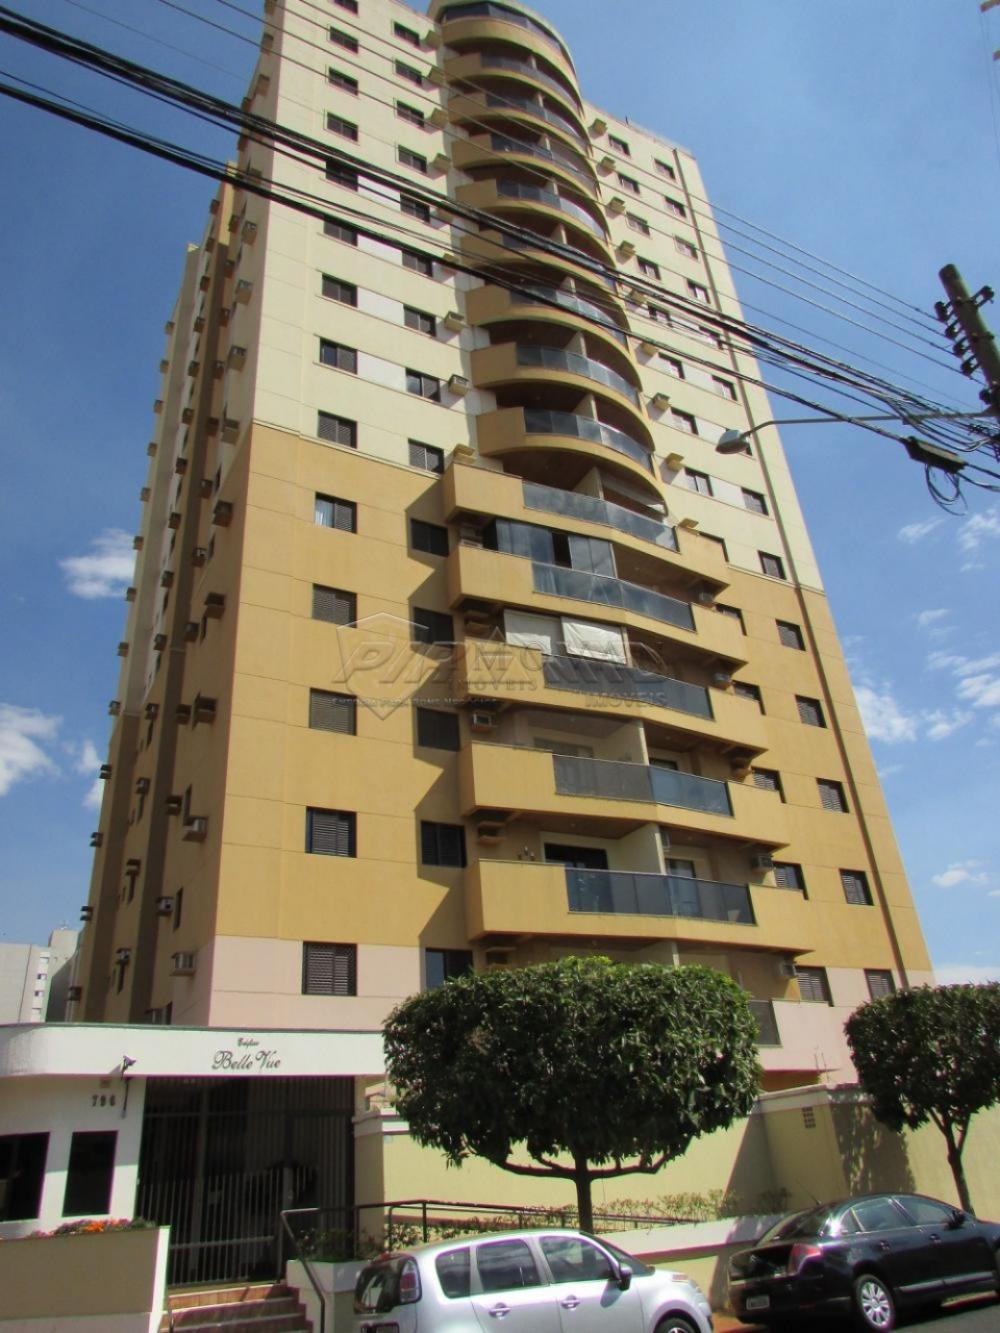 Comprar Apartamento / Padrão em Ribeirão Preto apenas R$ 500.000,00 - Foto 1